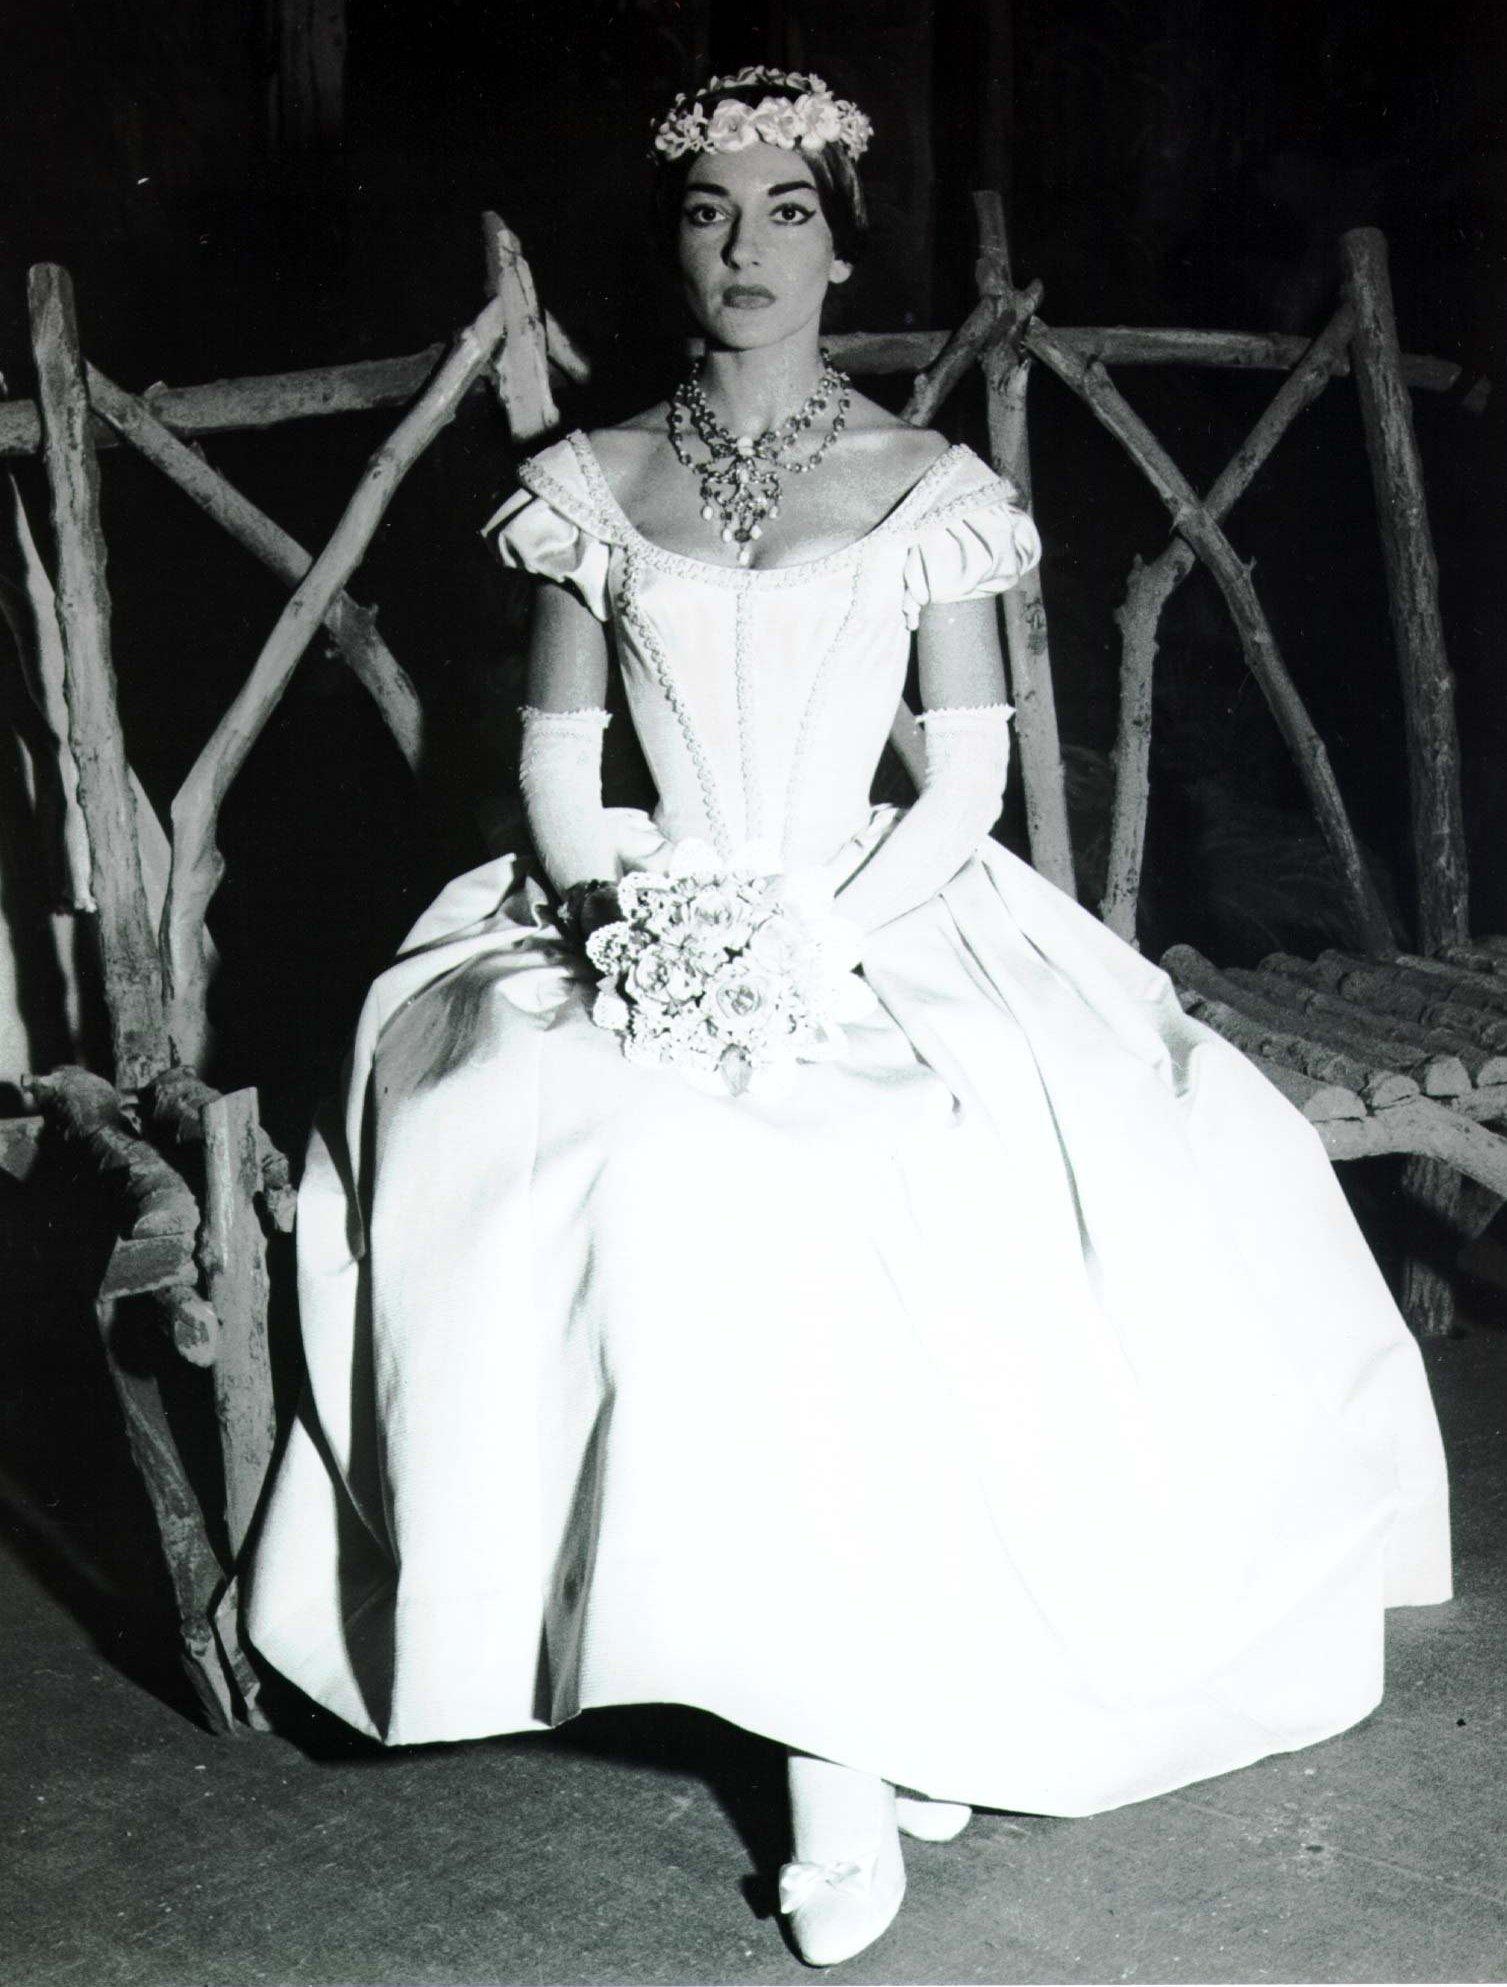 მარია კალასი იტალიაში 1955 წელი.